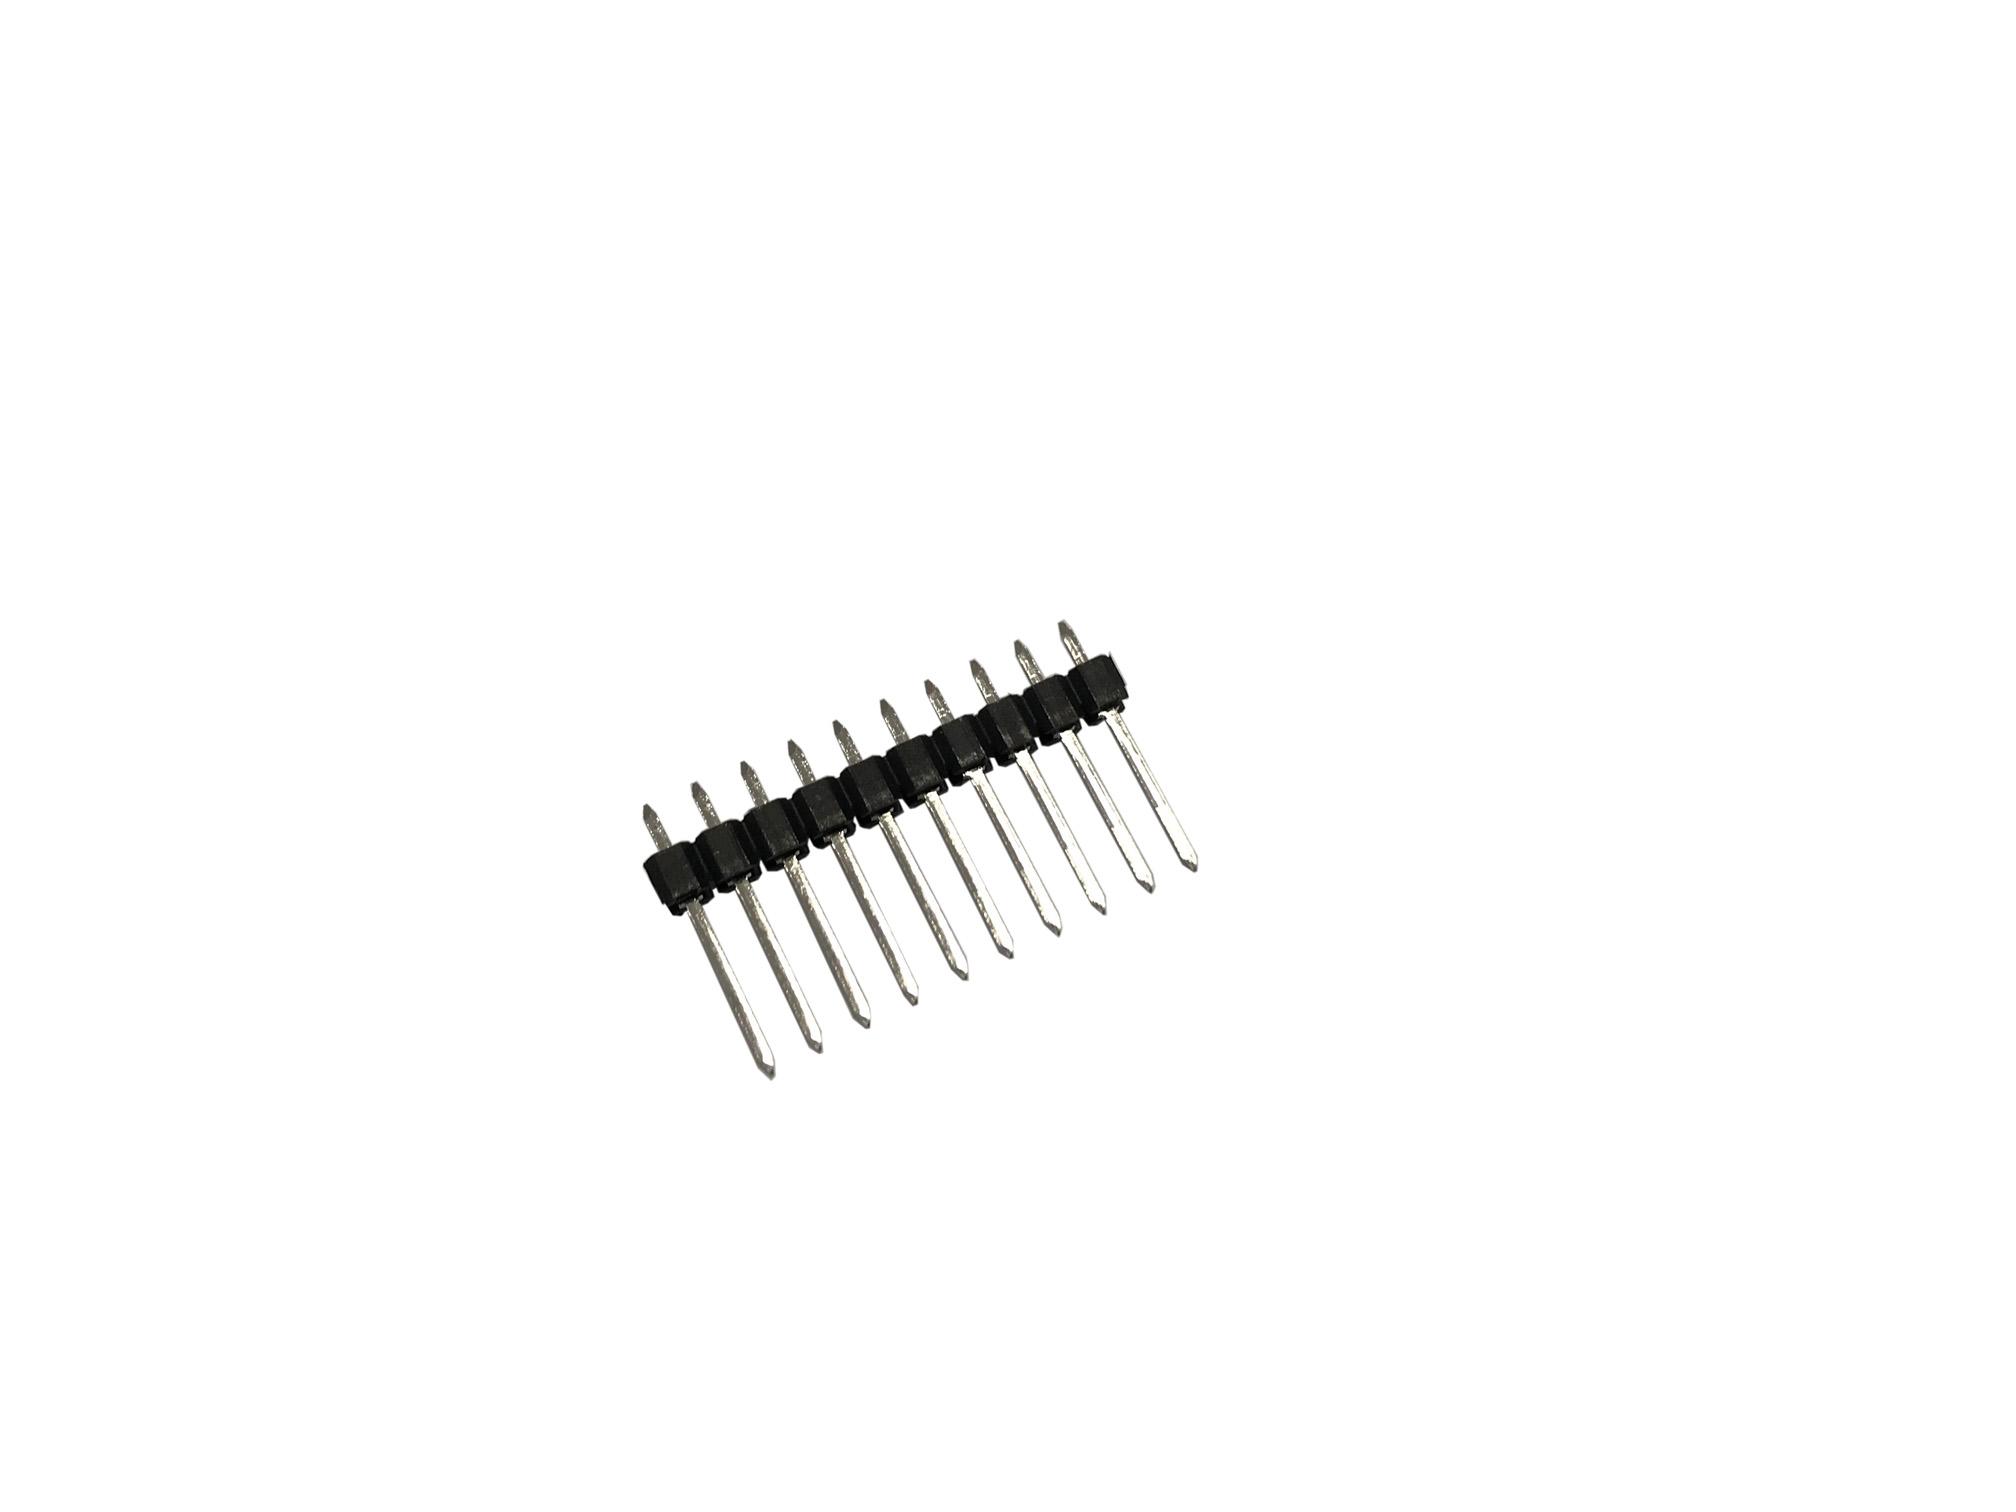 QJ550 10芯插座